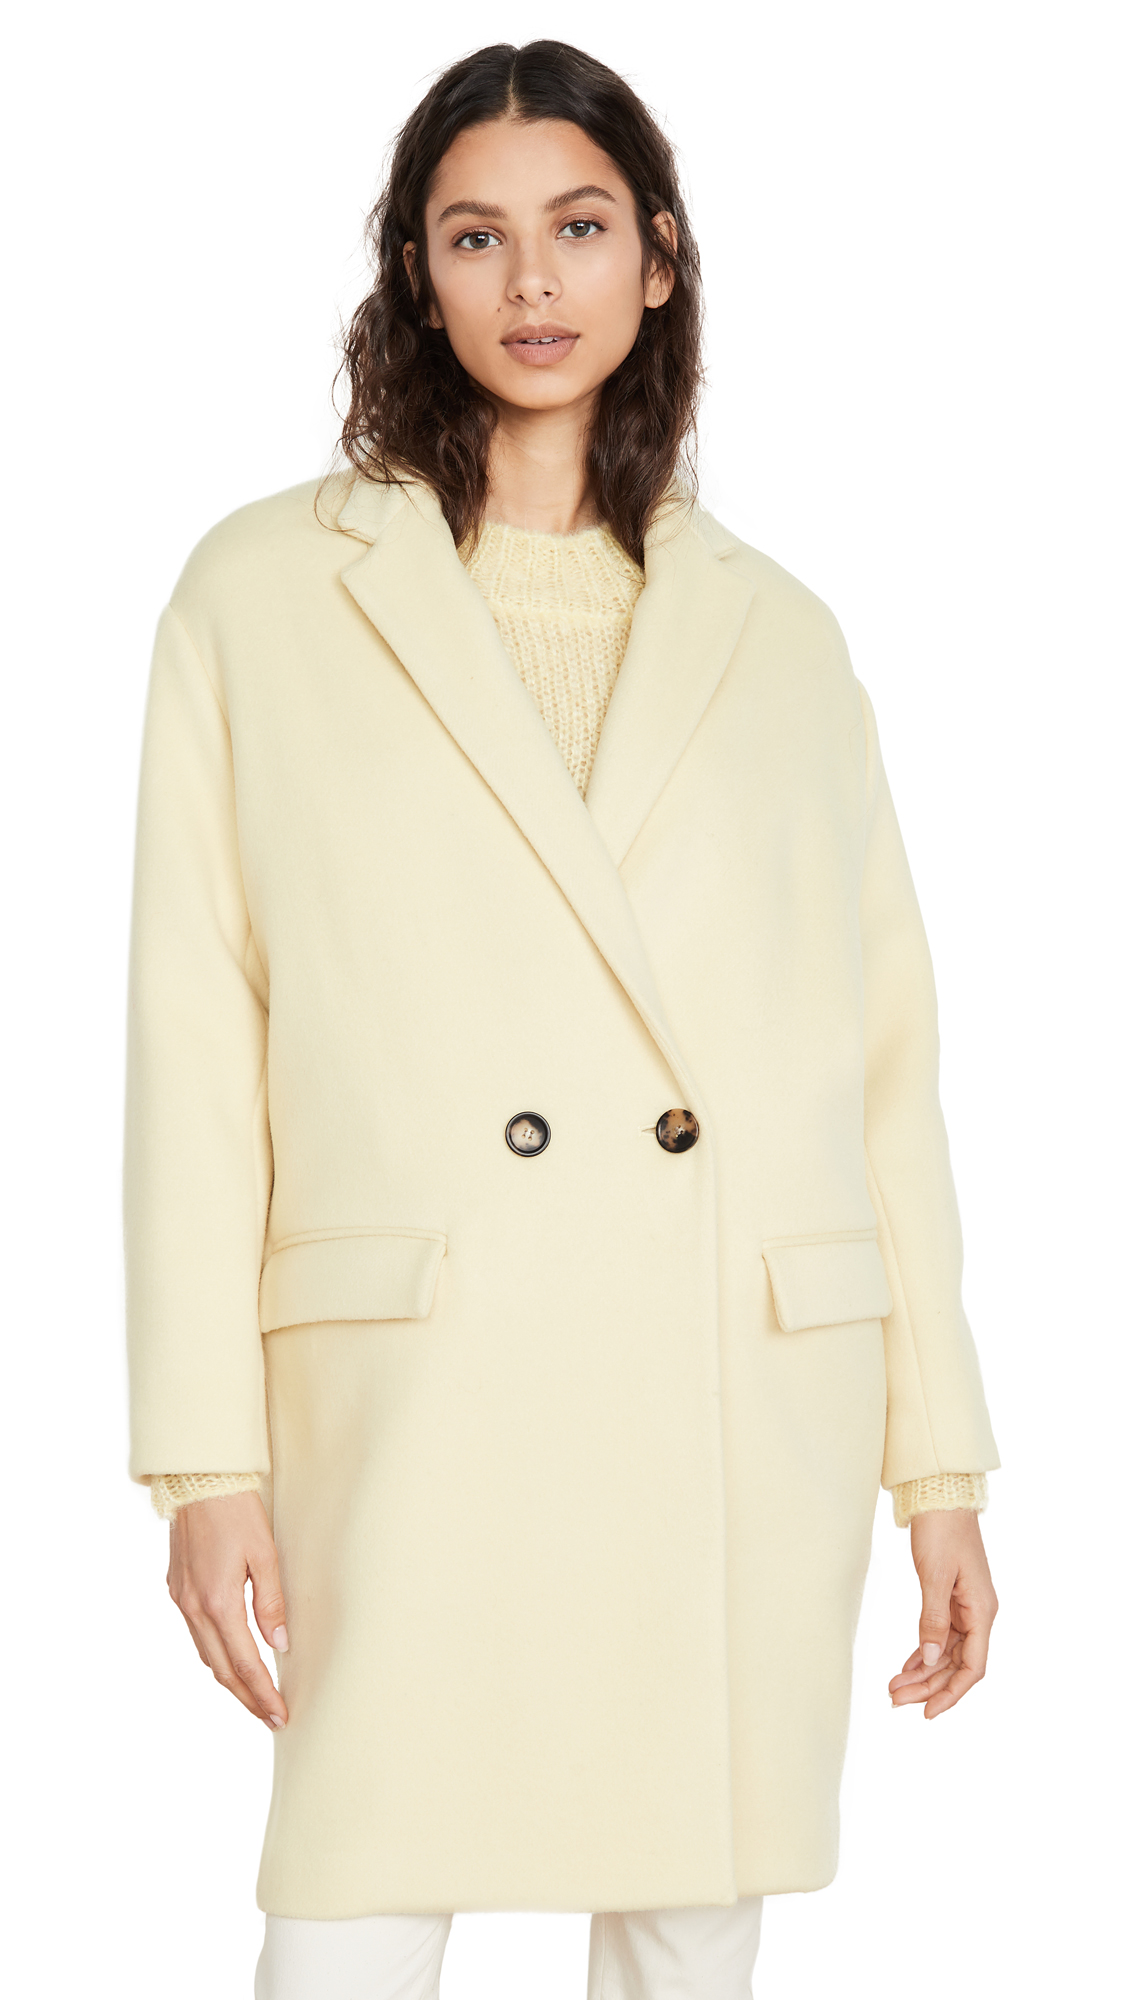 Buy Isabel Marant Filipo Jacket online beautiful Isabel Marant Clothing, Jackets